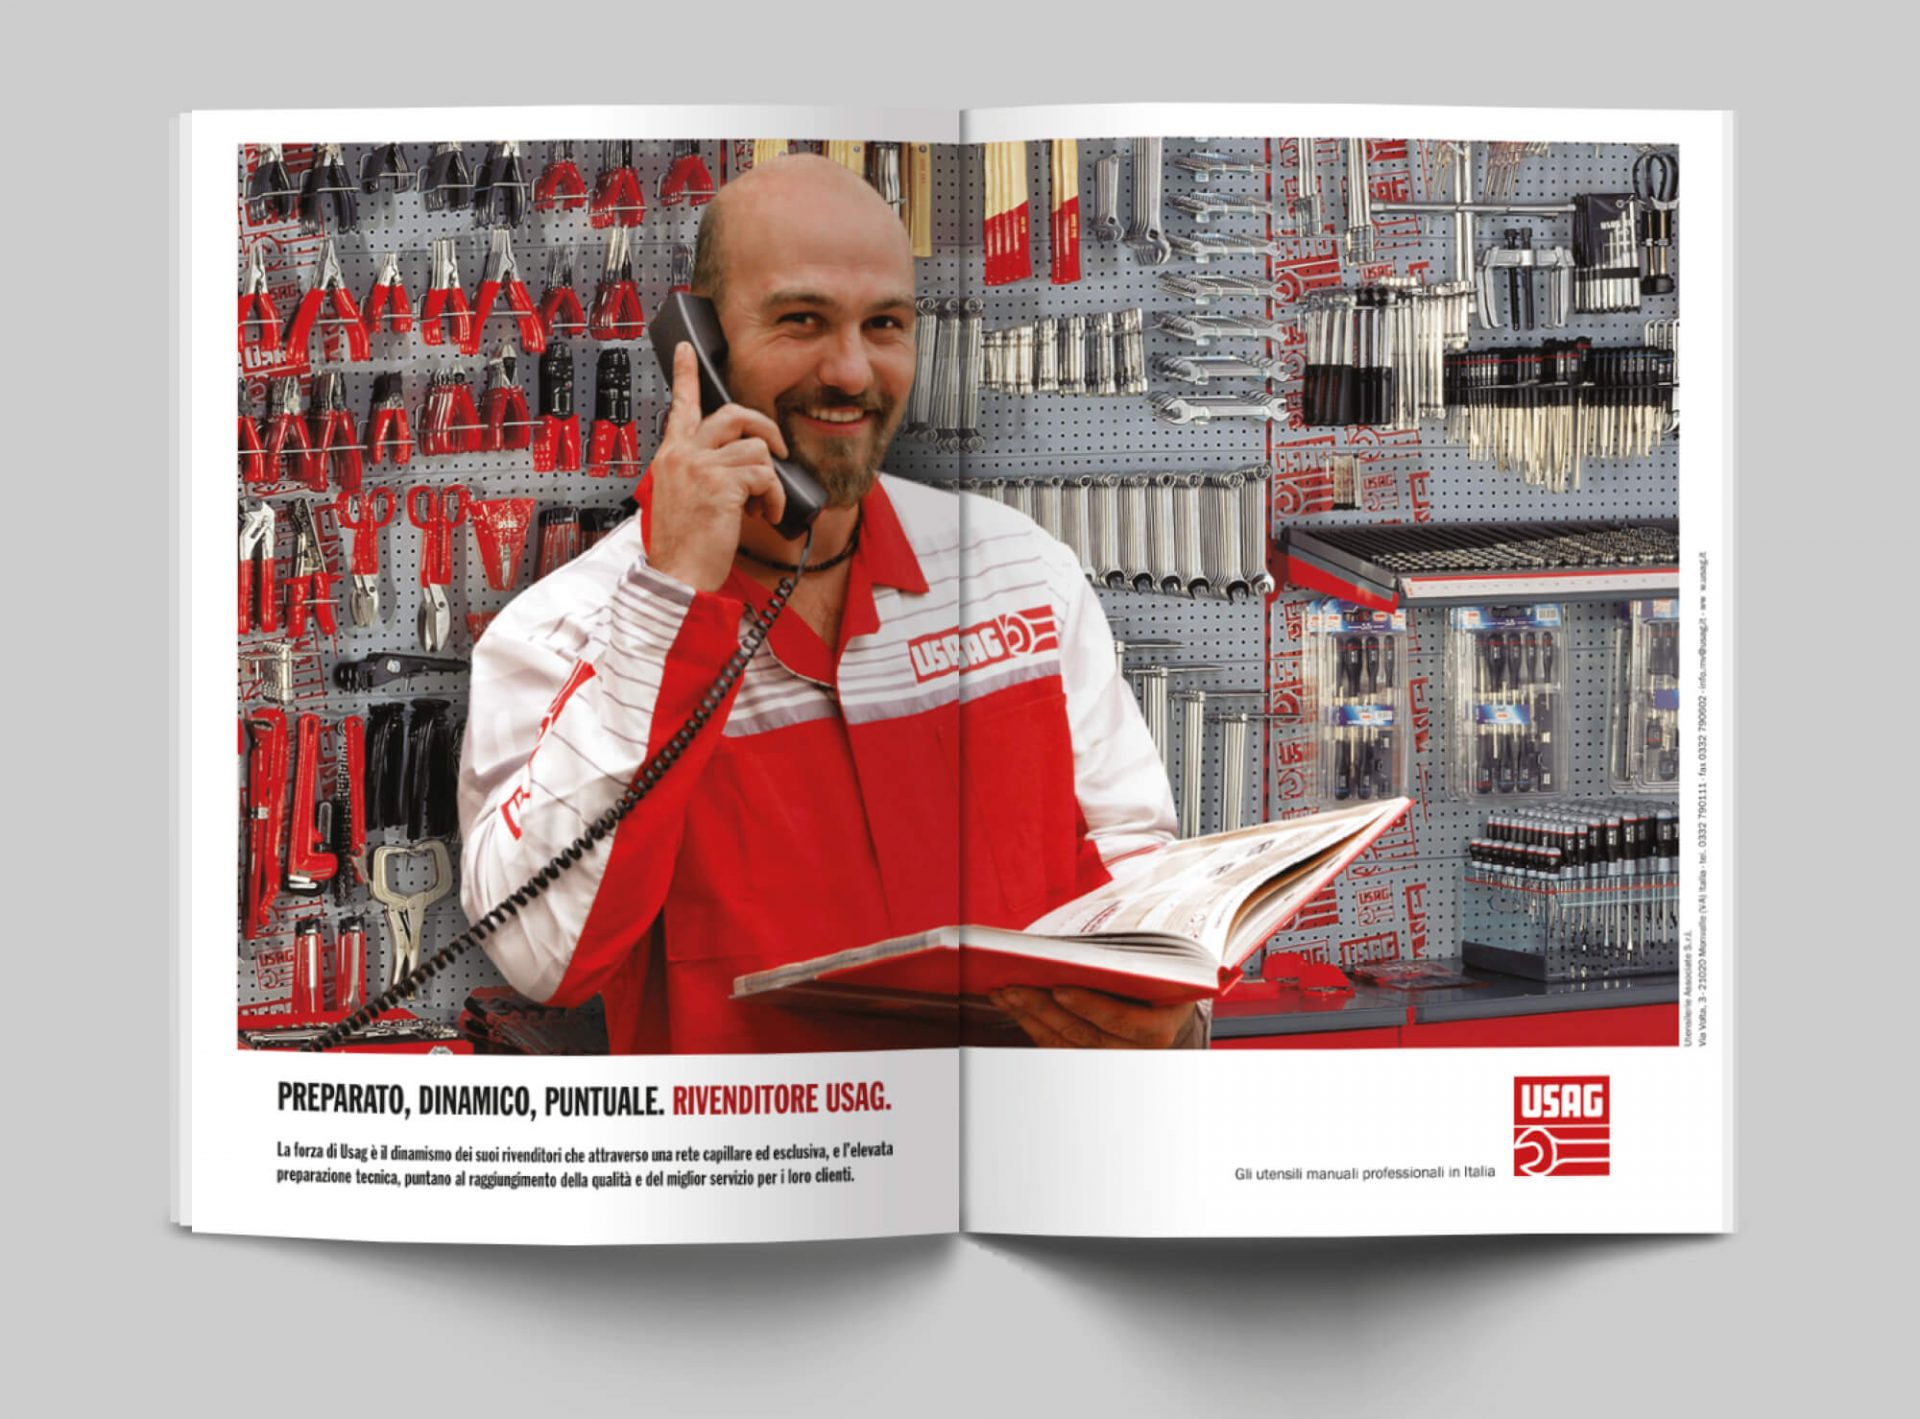 doppia pagina per annuncio pubblicitariao usag italia, per la promozione dei punti vendita, progettata dalla agenzia di comunicazione diadestudio arco trento